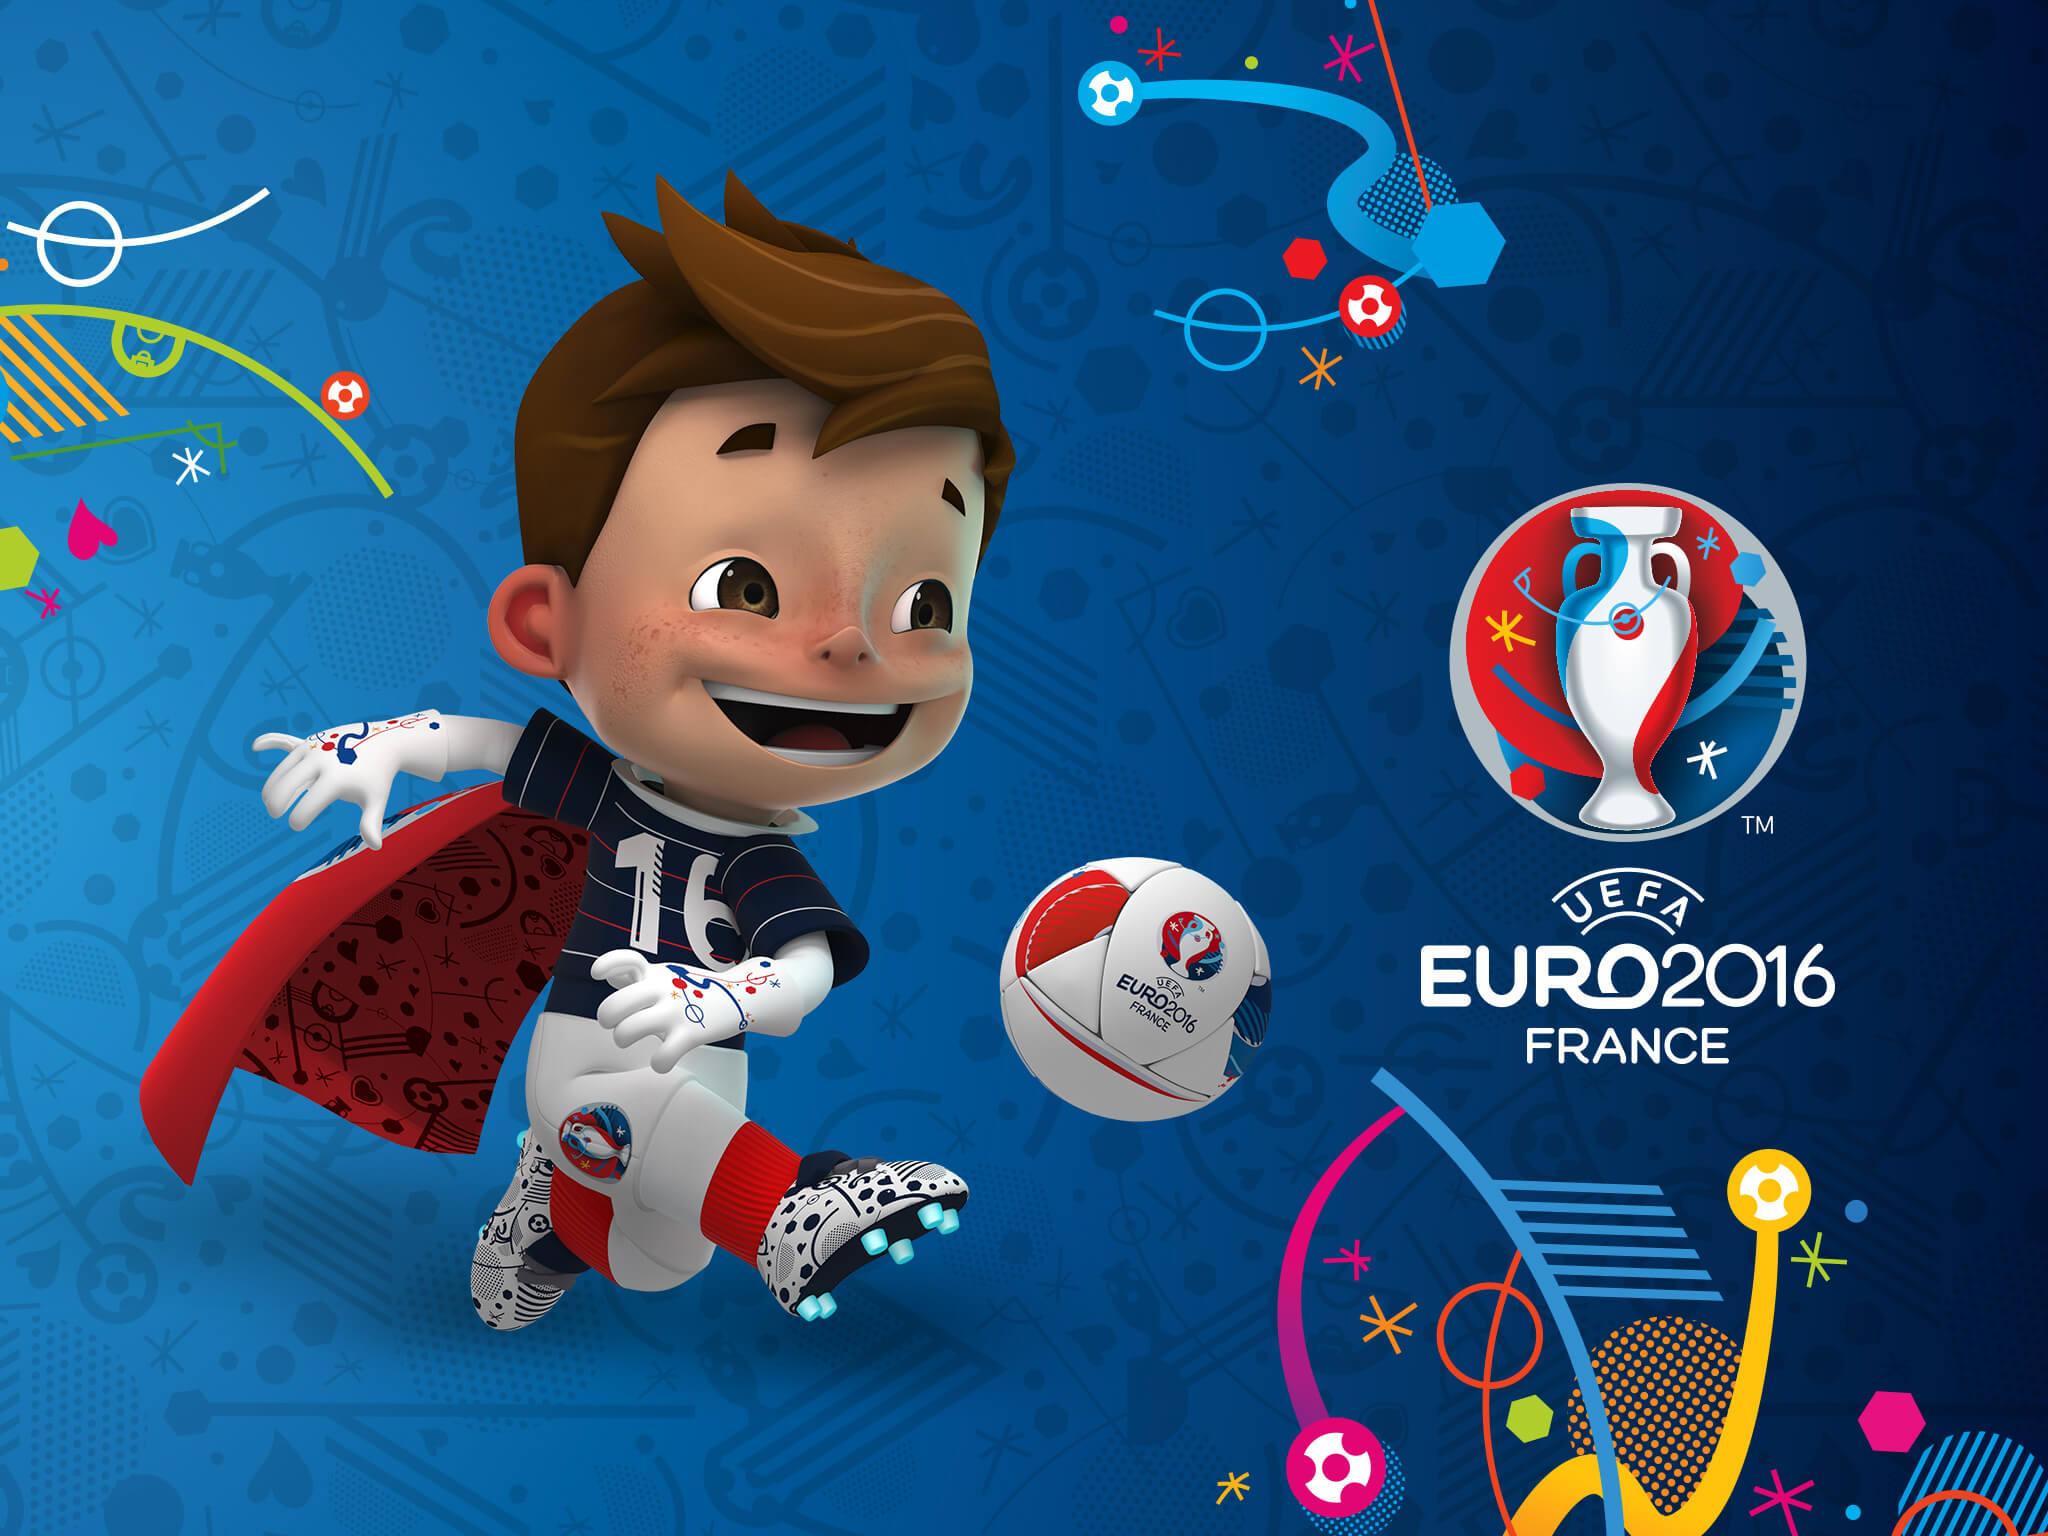 L'UEFA Euro 2016